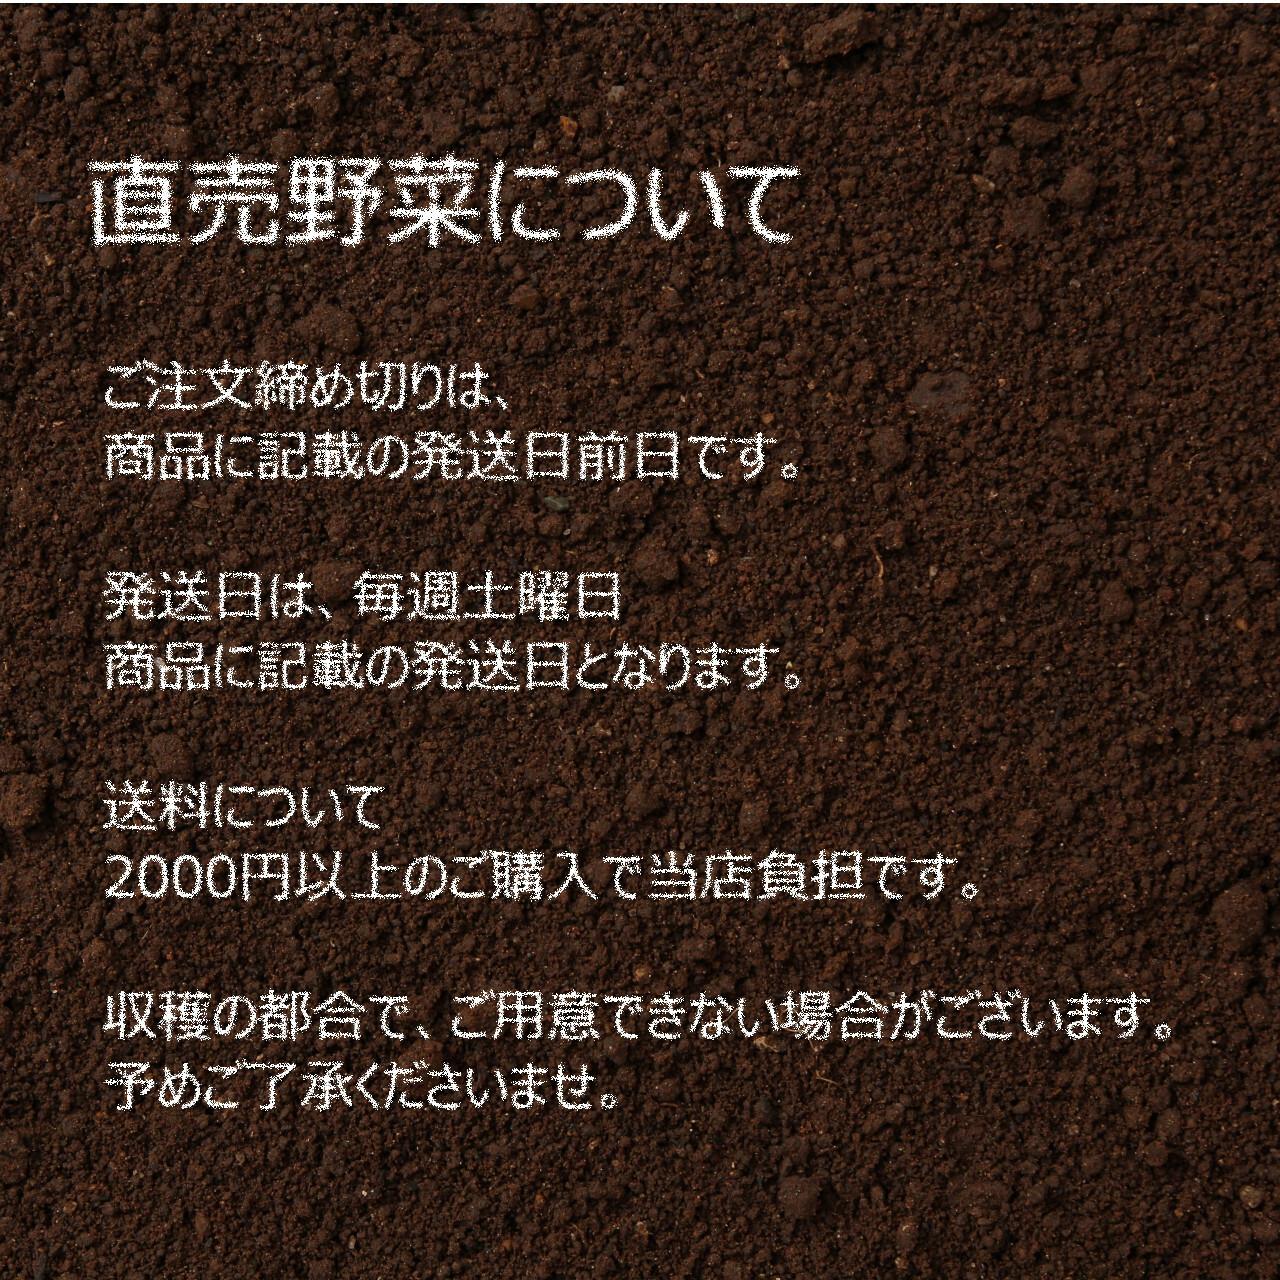 7月の朝採り直売野菜 : トマト 約 2~3個 新鮮な夏野菜 7月4日発送予定